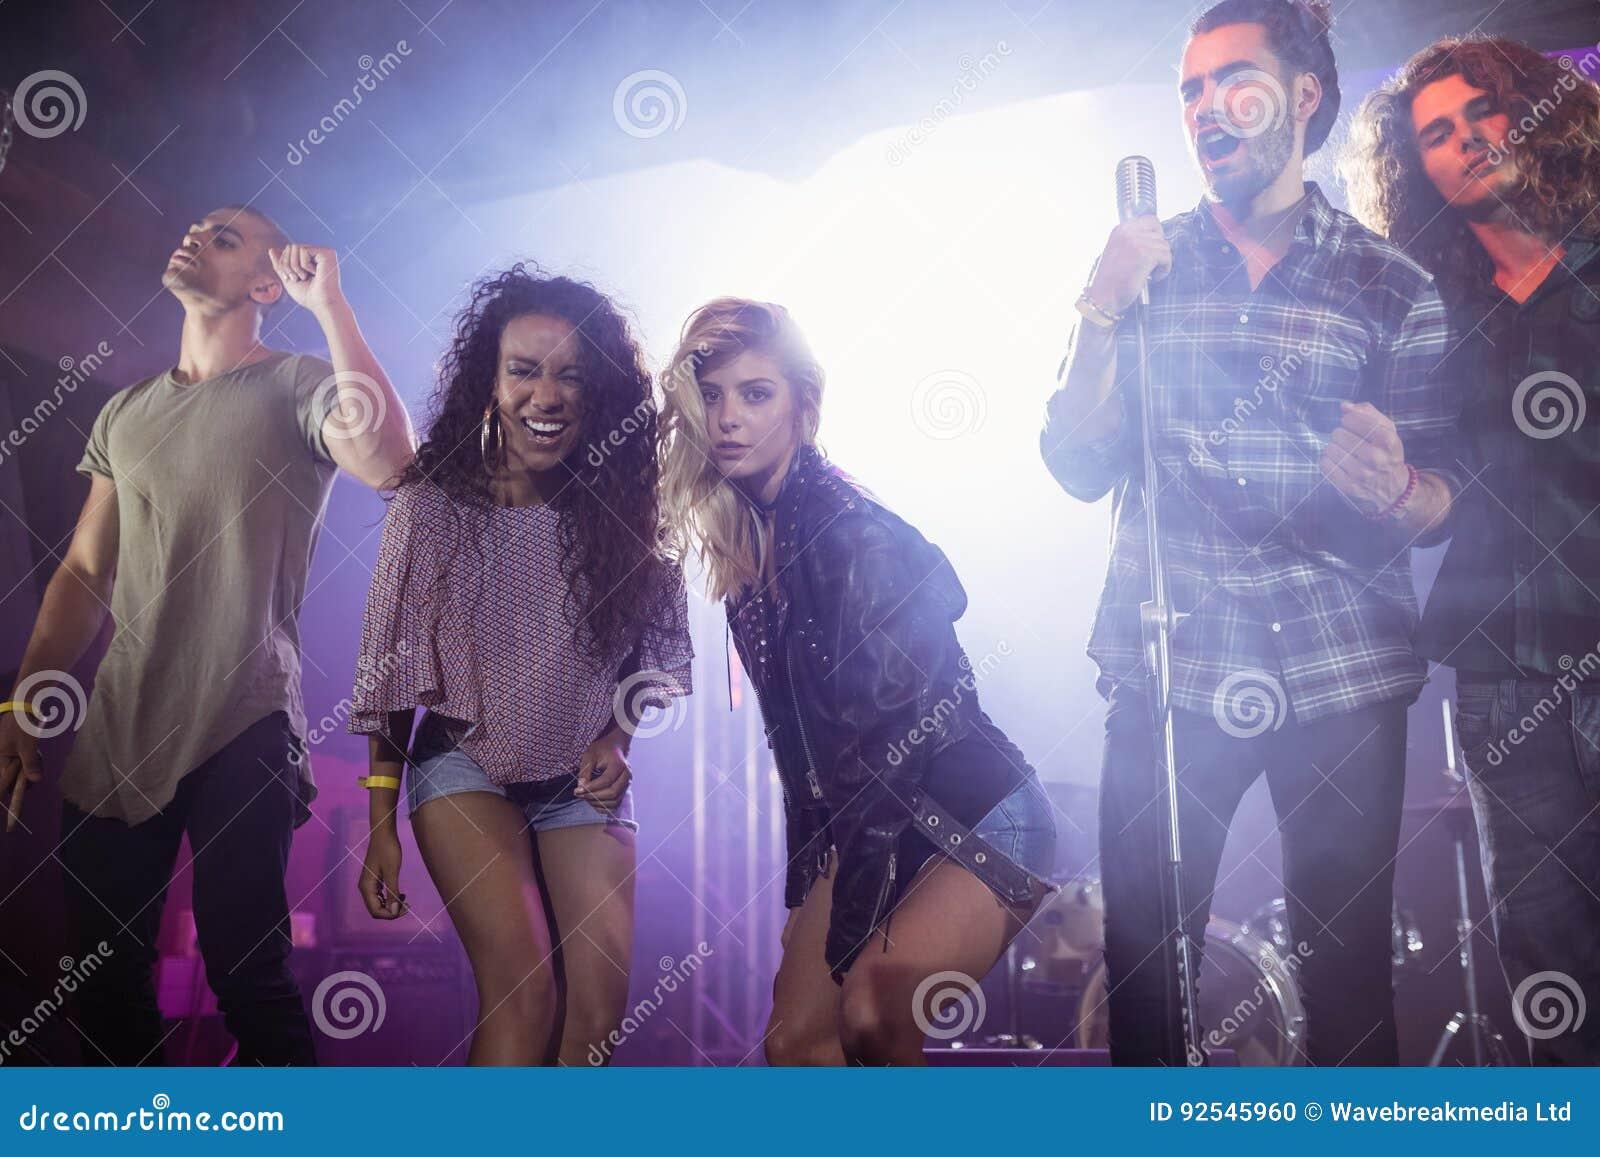 Retrato de músicos de sexo femenino con los ejecutantes masculinos en el club nocturno